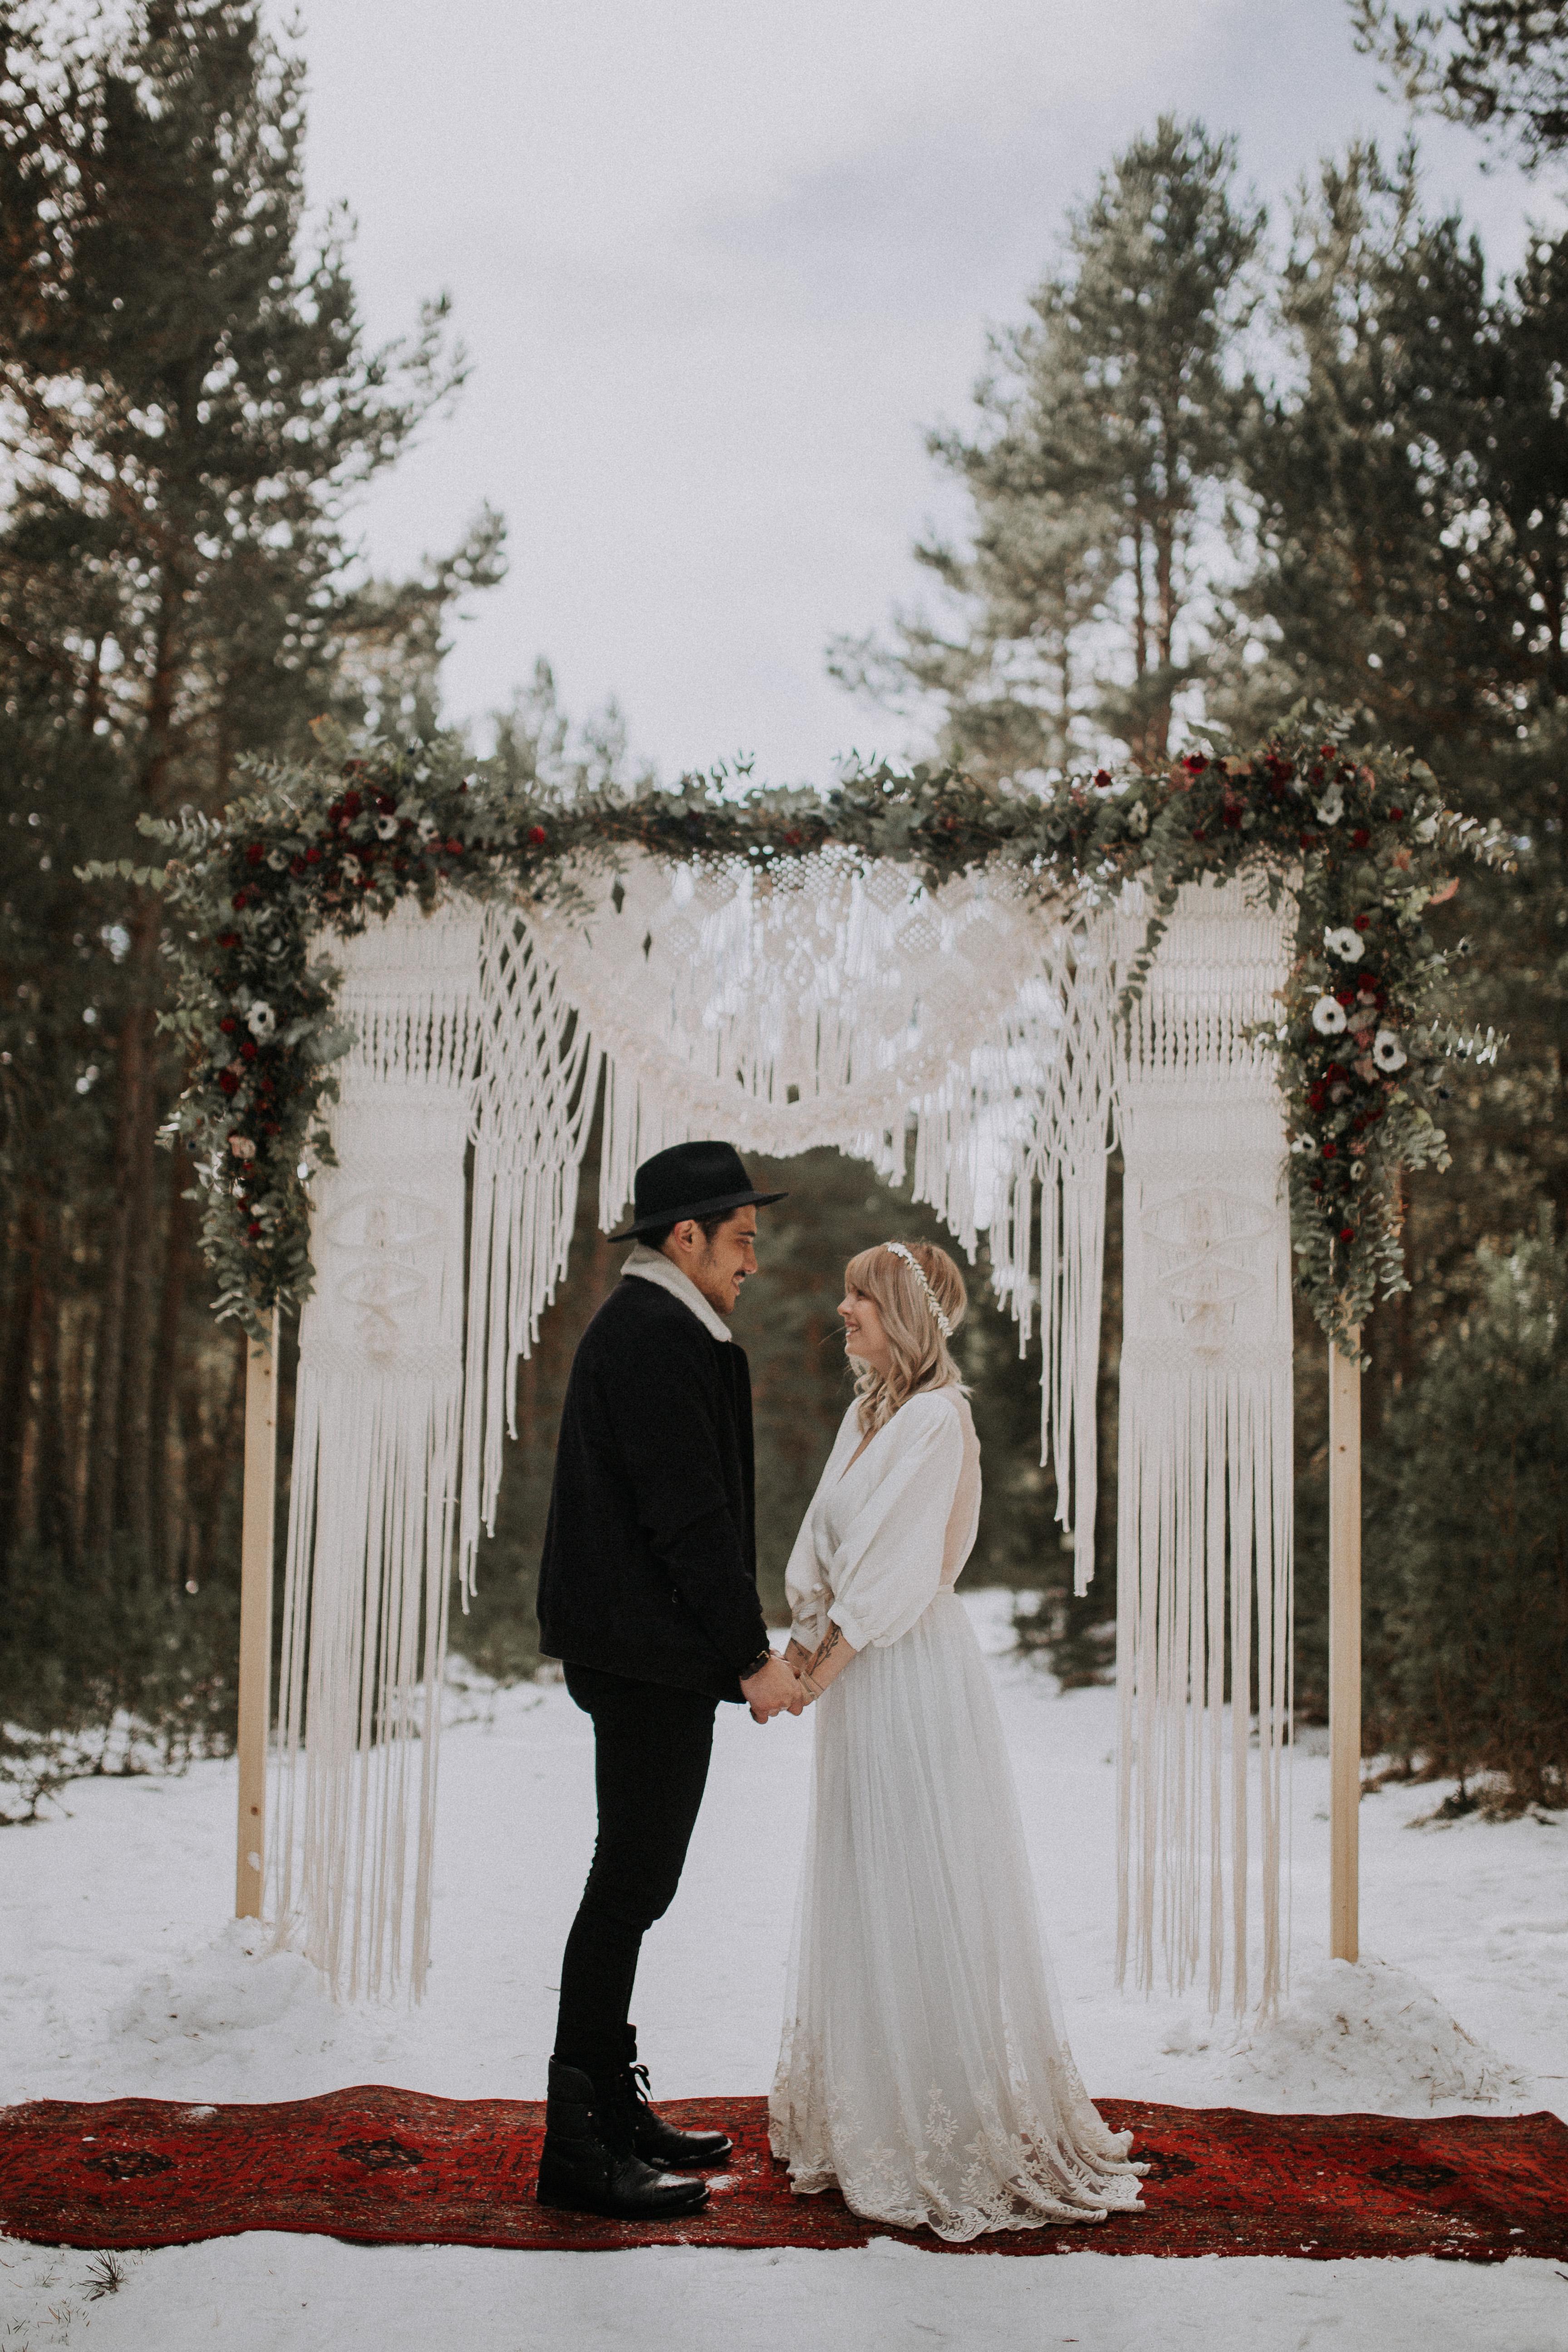 robe de mariée hiver mariage montagne foret